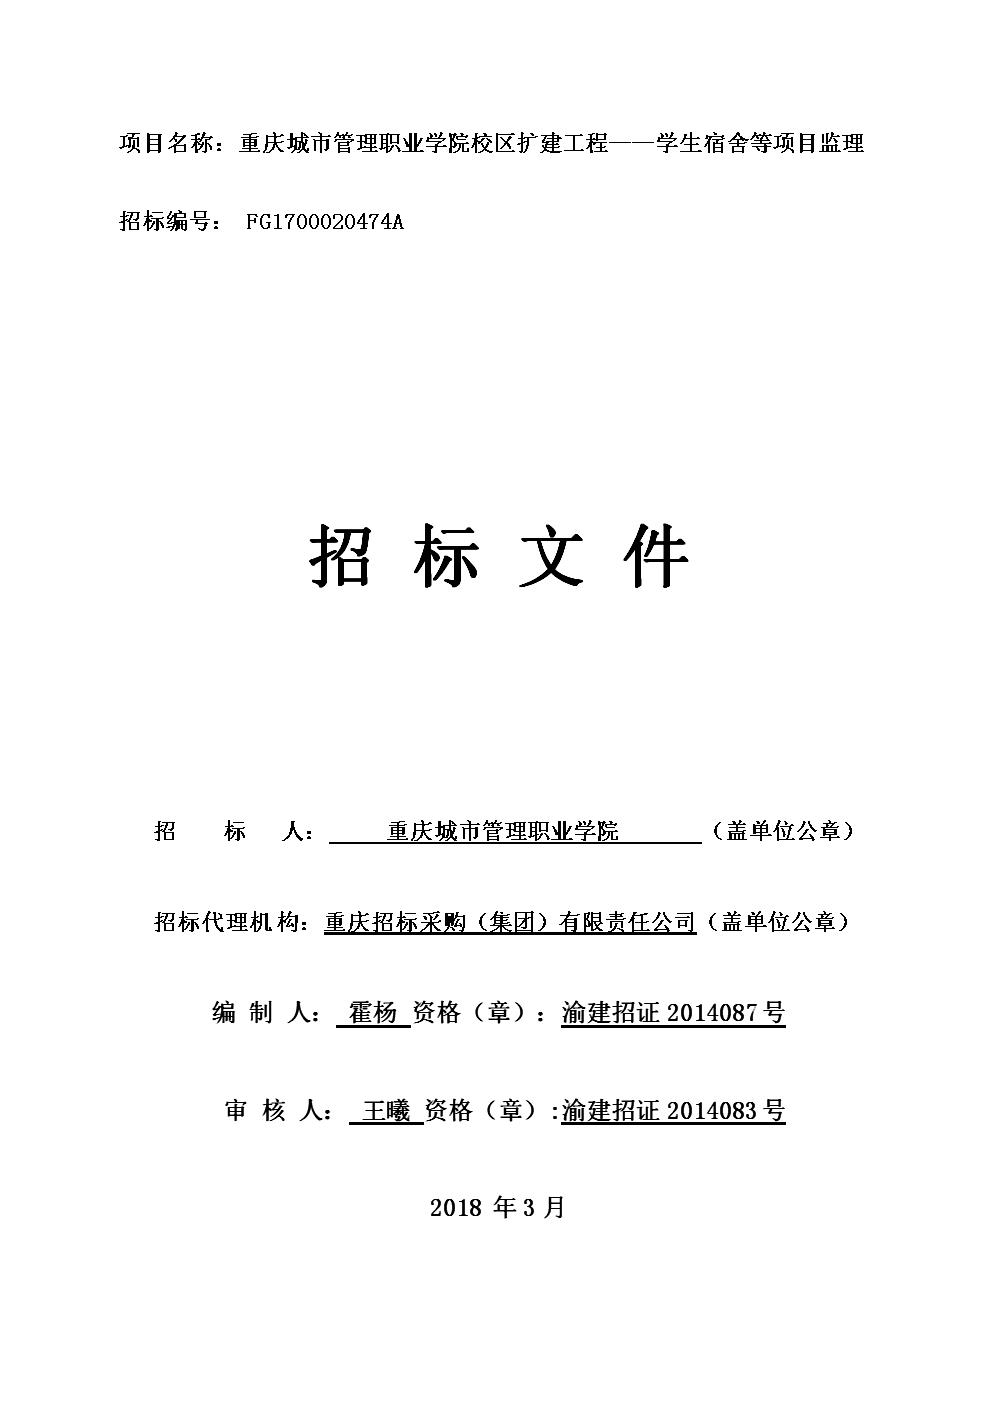 重庆城市管理职业学院校区扩建工程学生宿舍等项目监理--招标文件.doc